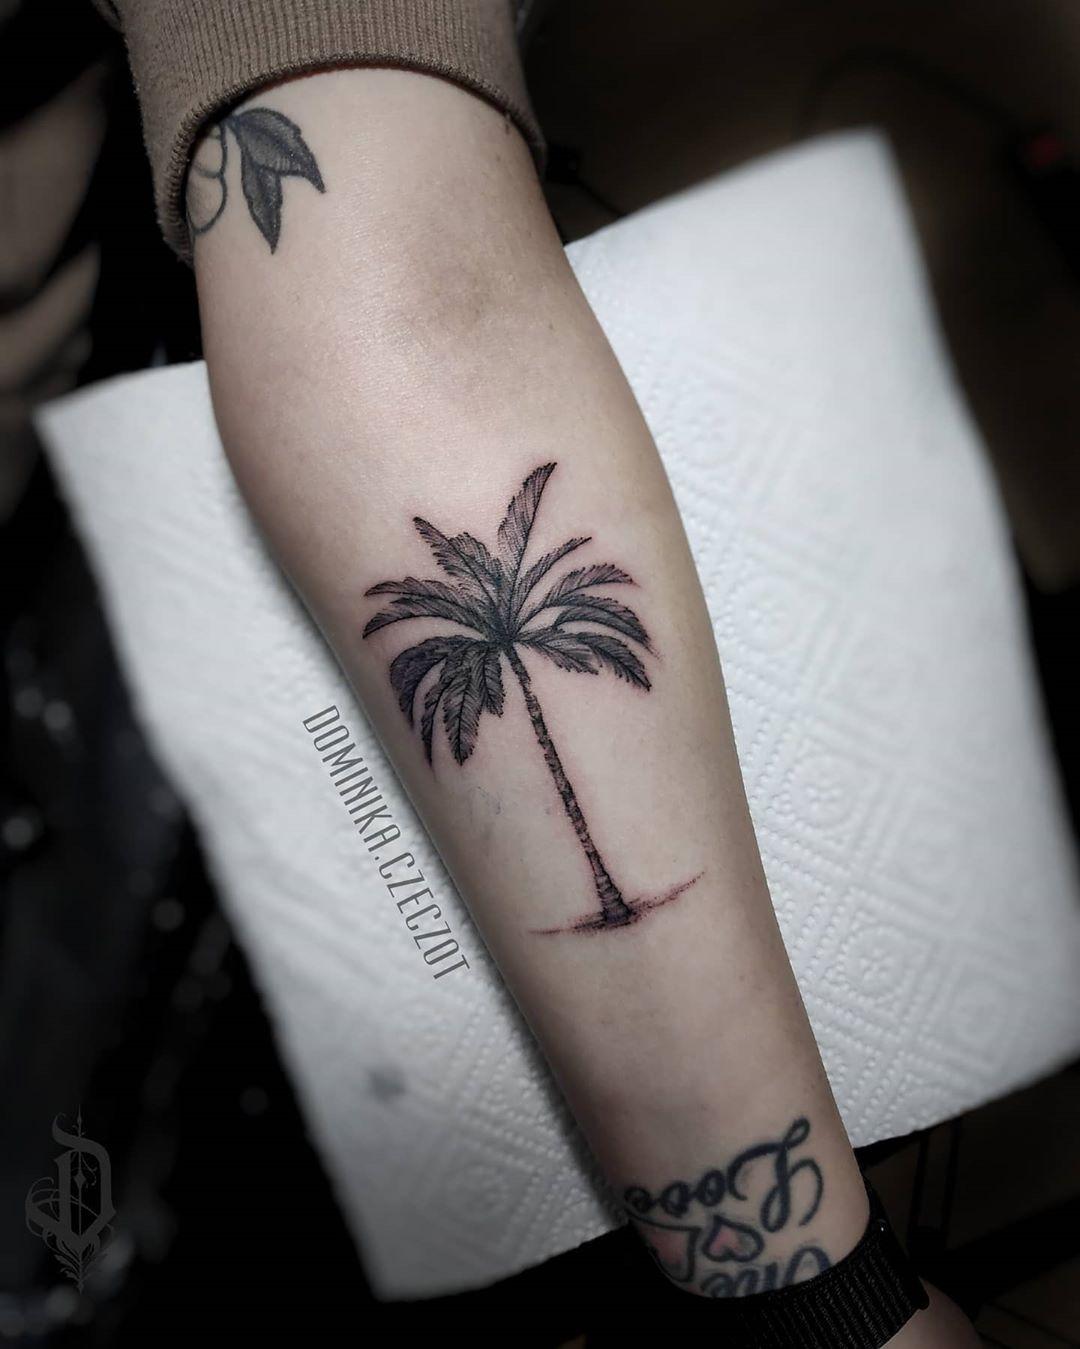 chyba wiekszosci juz odbija 🌴🤣 #tattoo #palm #blackworktattoo #palmtattoo #blacktattoo #tattoolife #tattooed #blackwork #palmtreetattoo #palmtrees🌴 #inkedgirl #inked #loveink #tattoolifestyle #tattooist #polandtattoos #tattooedgirls #warsawgirl #warsaw #tattooing